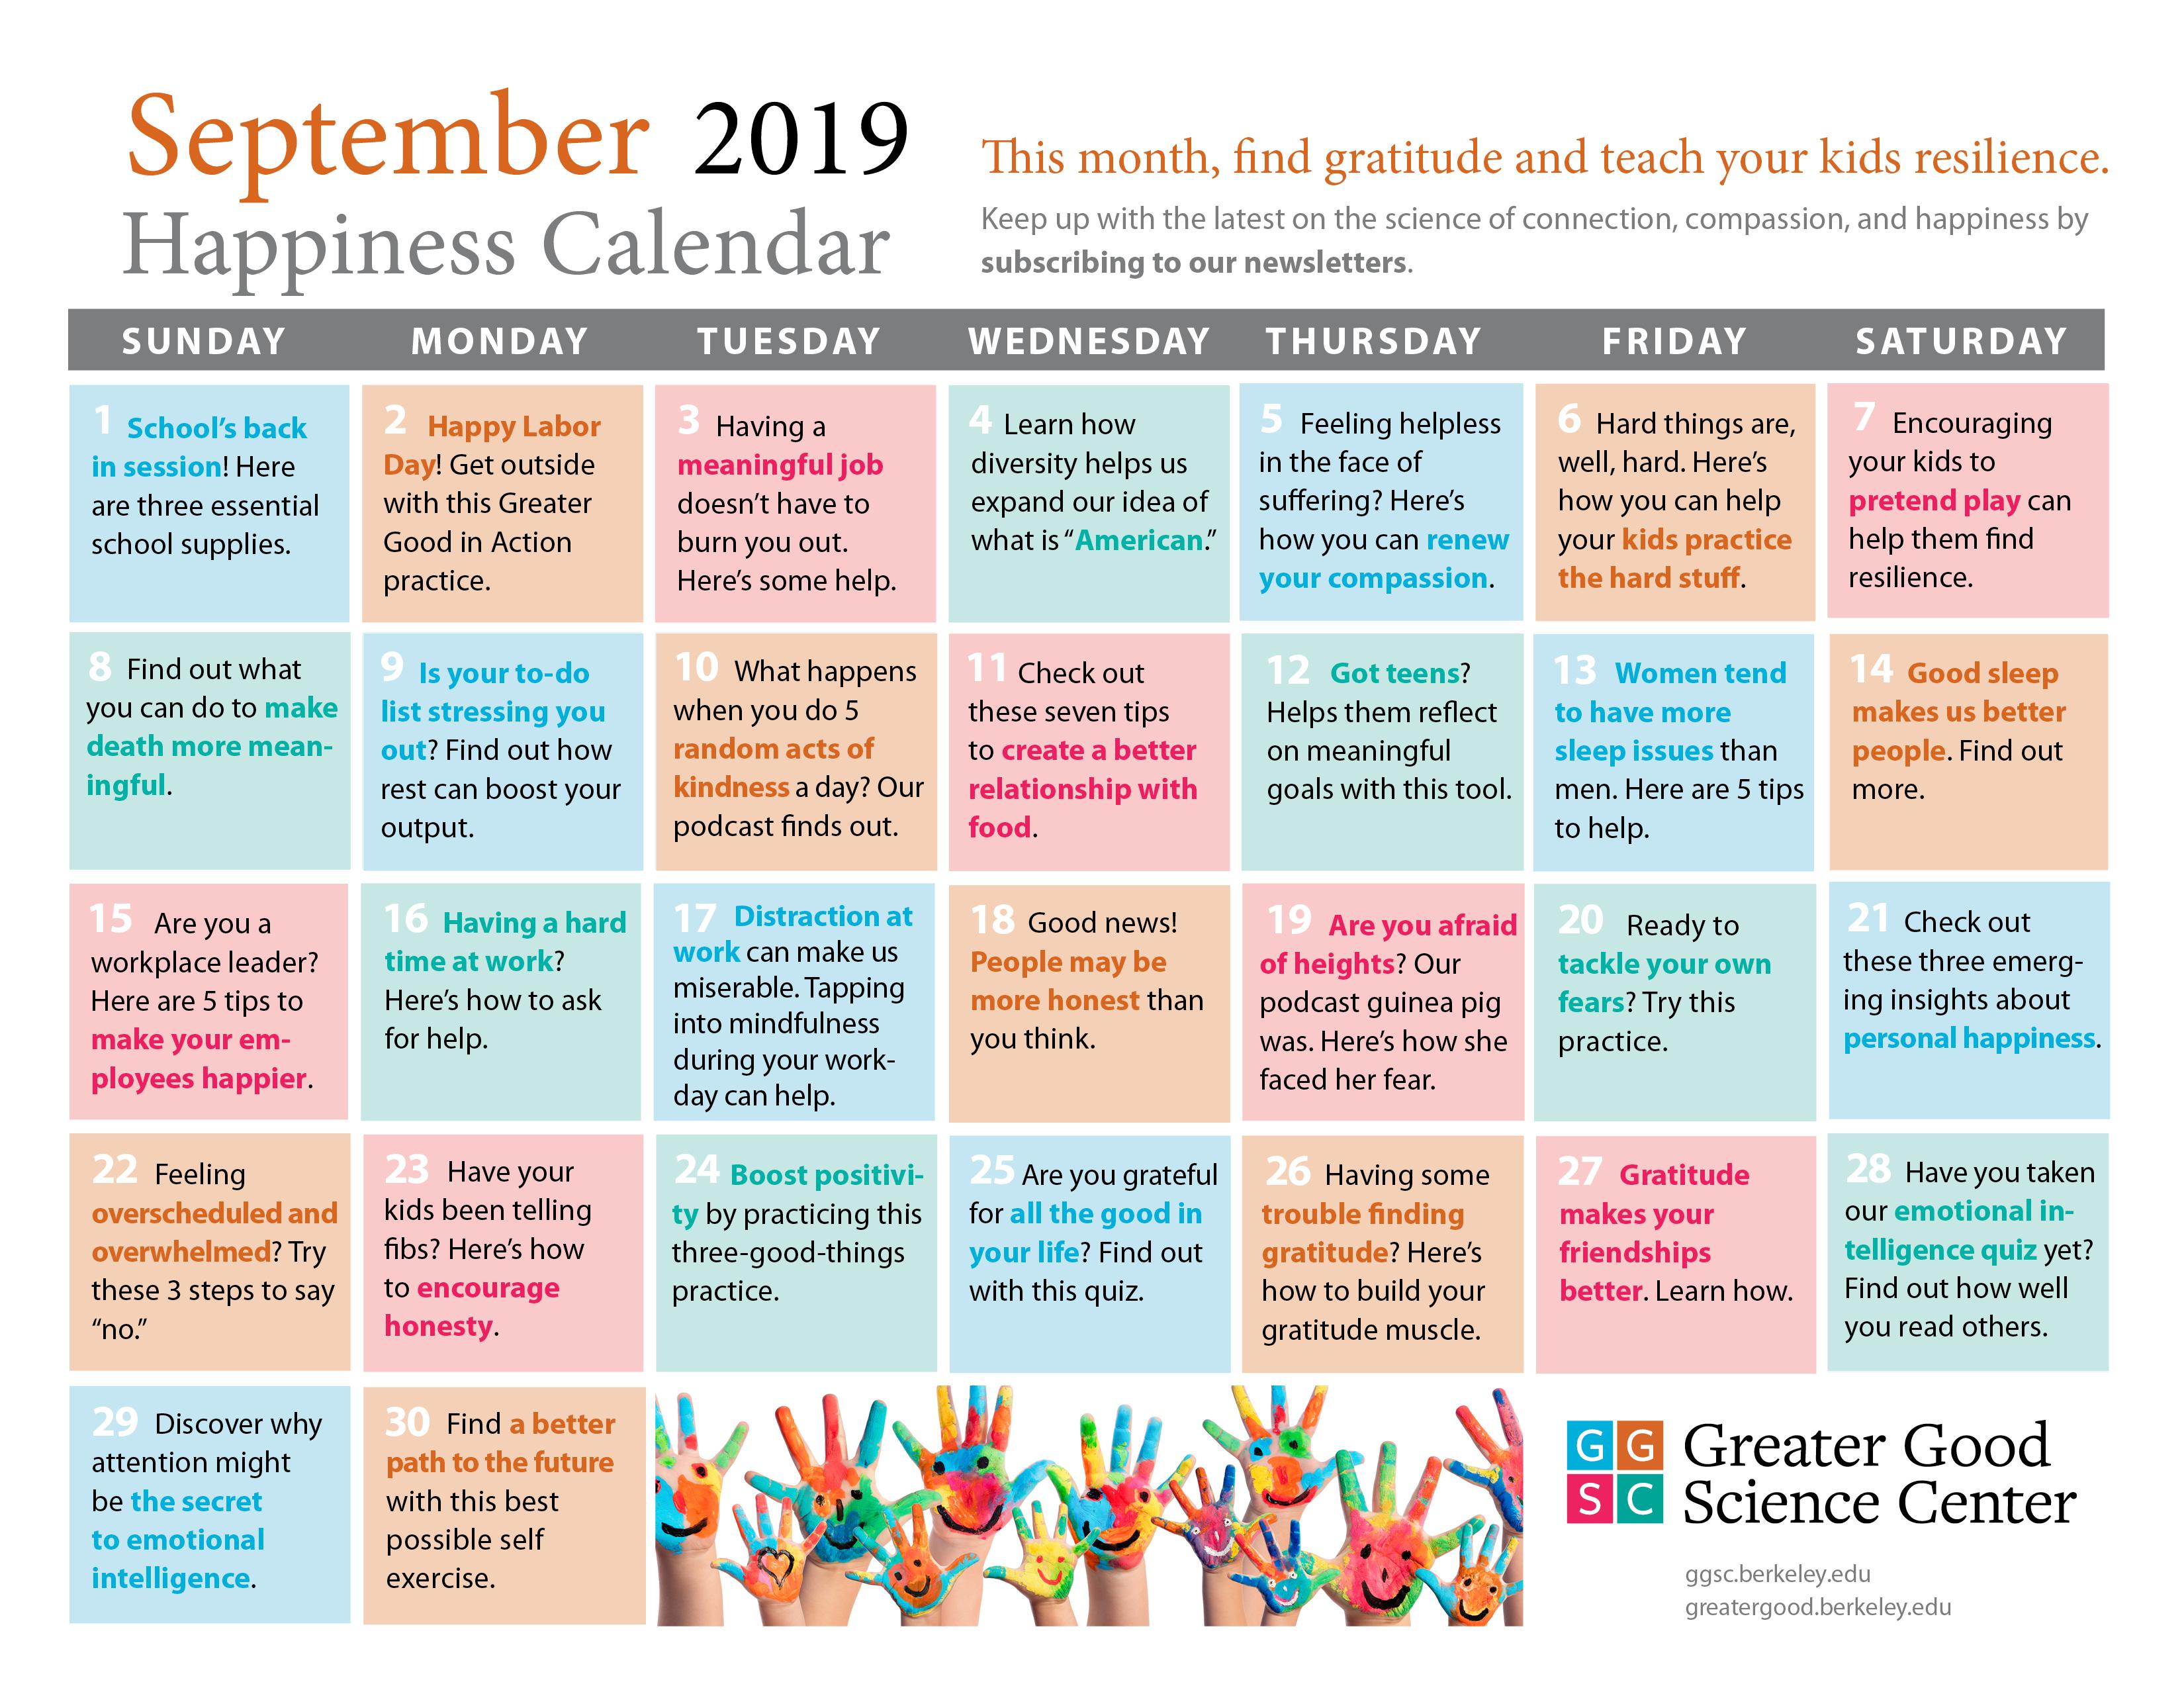 September 2019 Happiness Calendar